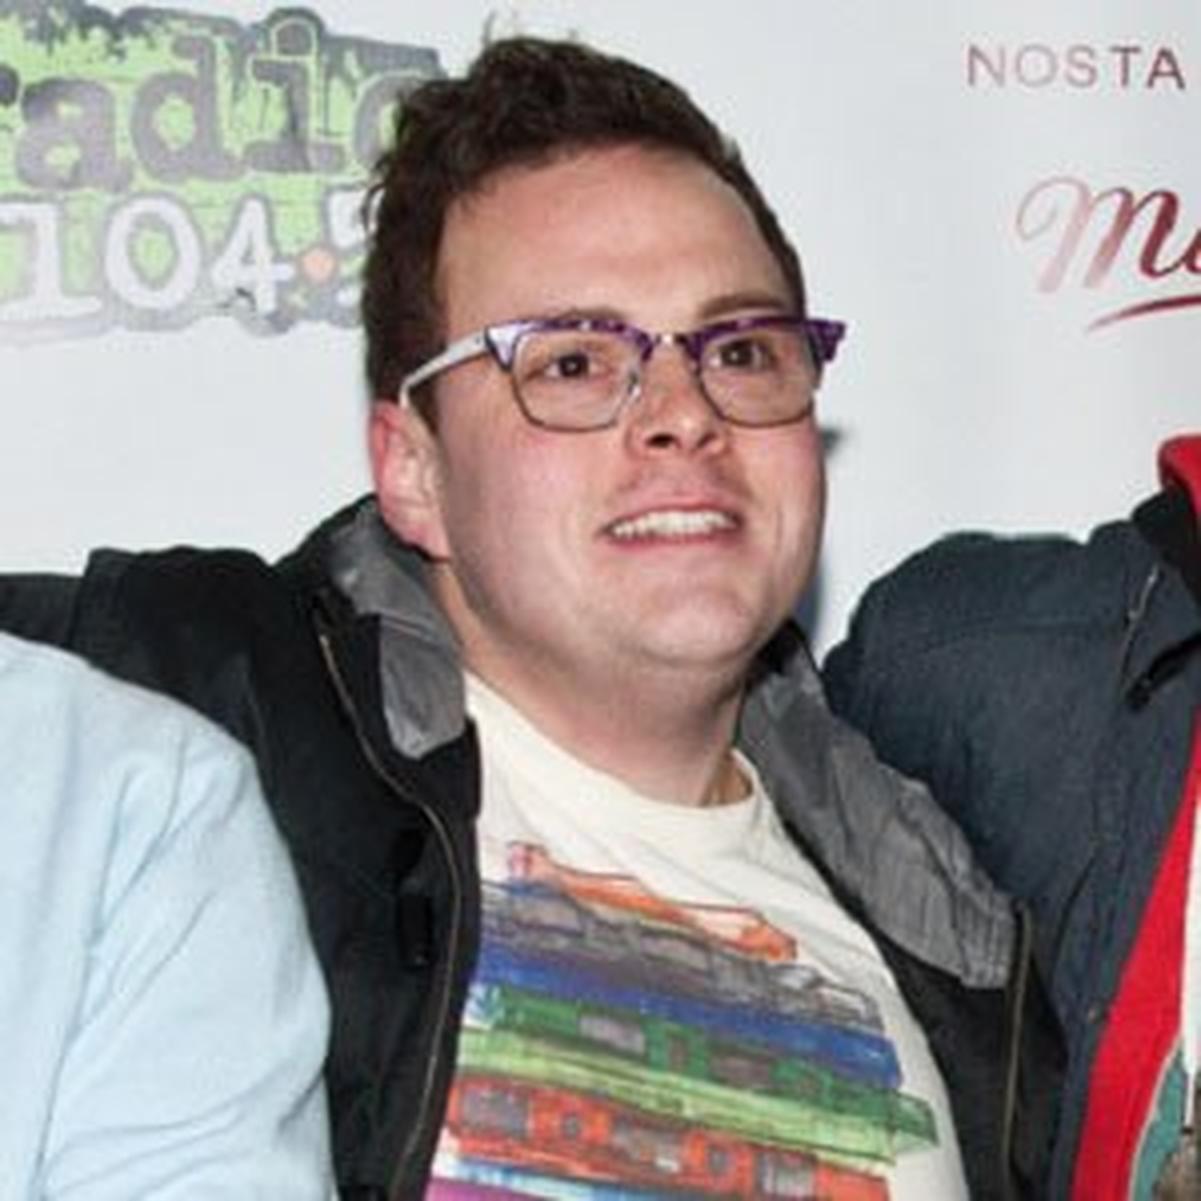 Sean Waugaman